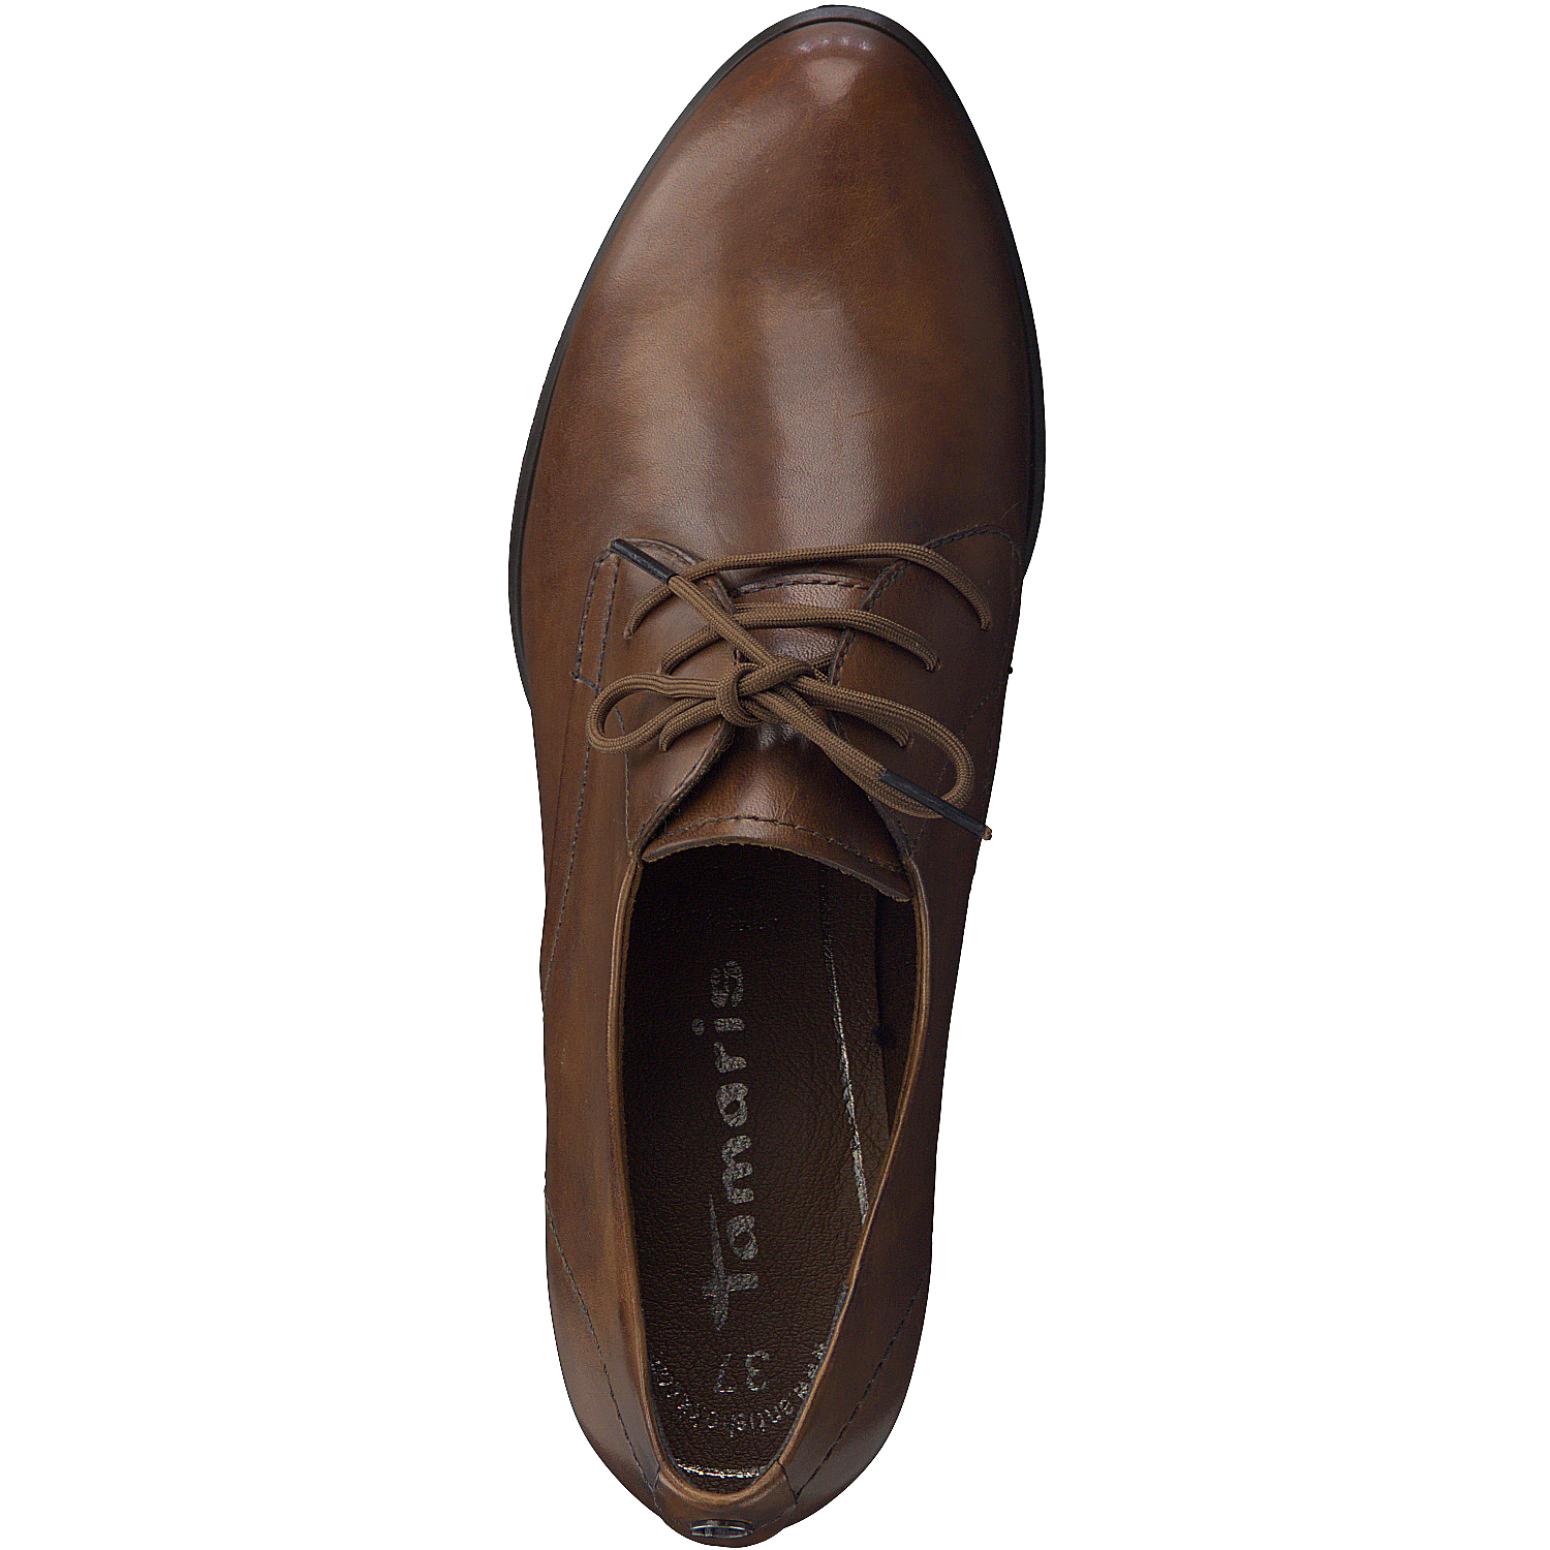 7ccc9fc98 Dámske poltopánky Tamaris 1-1-23305-21 311 MUSCAT | SecretShoes.sk